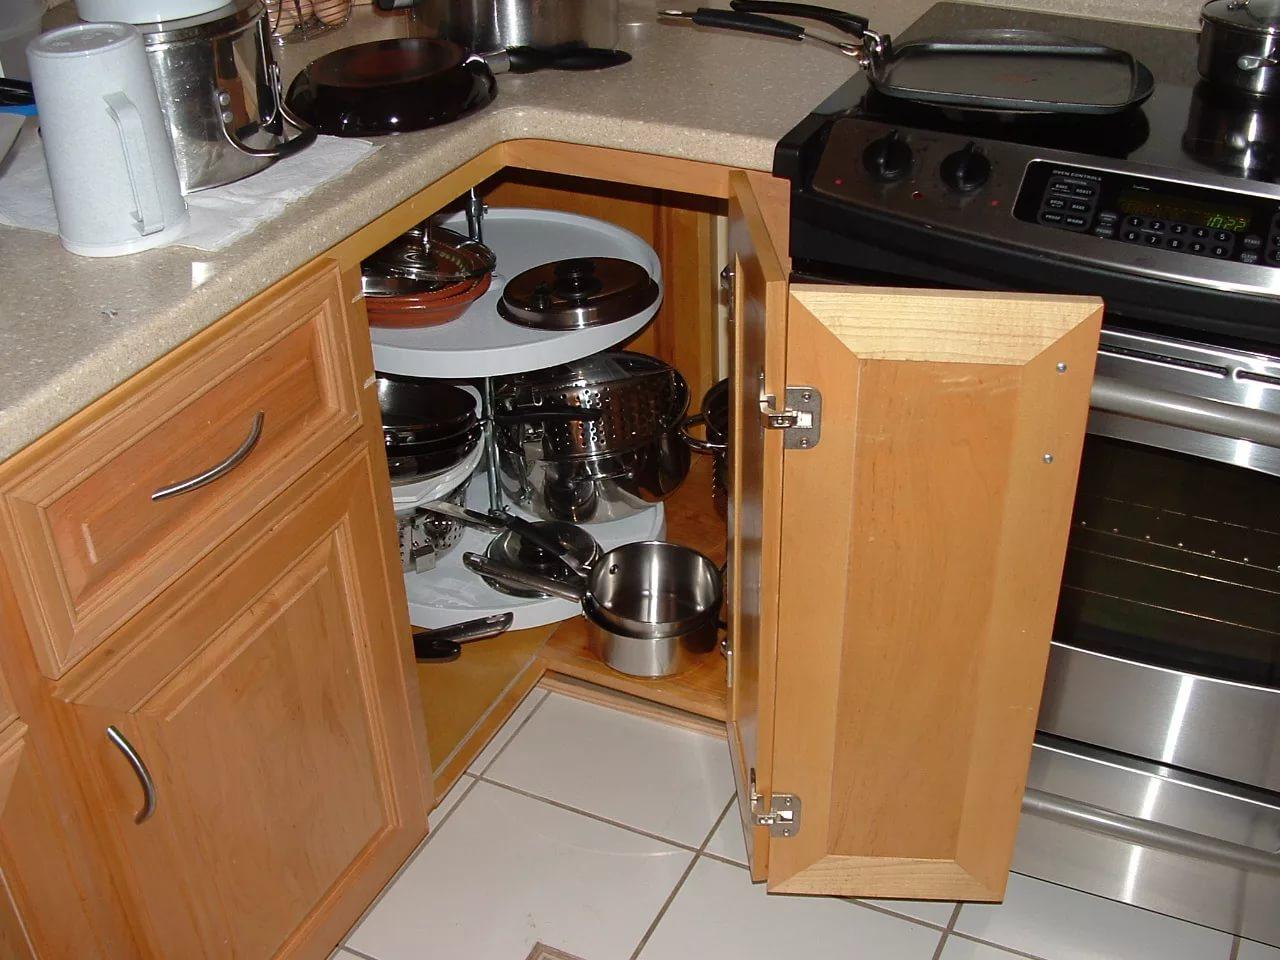 Carrousel Voor Keuken.Carrousel Voor De Keuken In De Onderkast Voor De Bovenkast